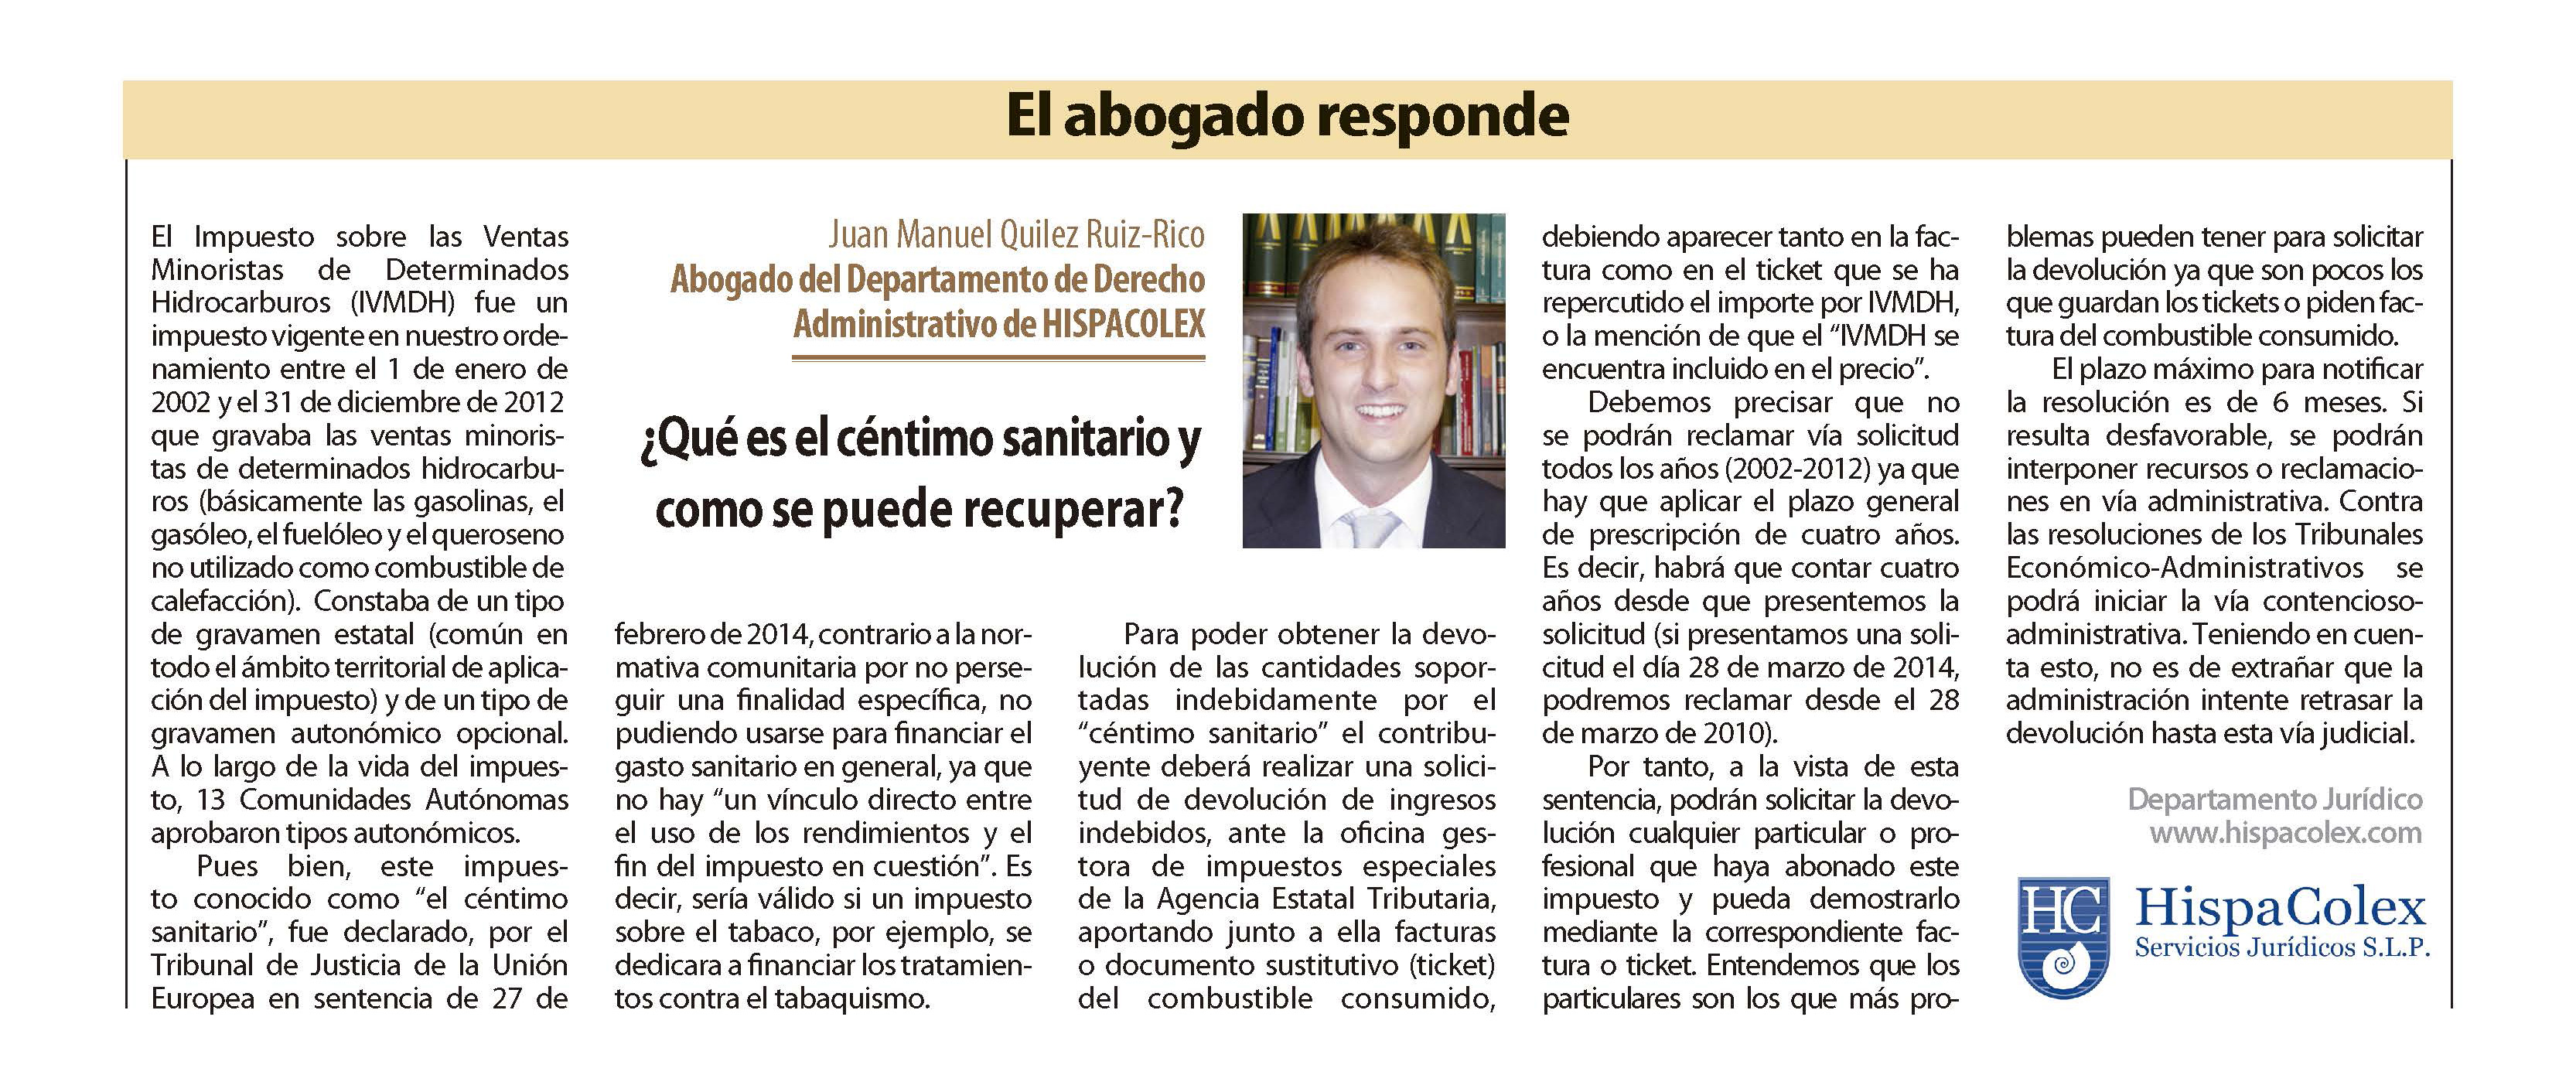 El-Abogado-Responde-Juan-Manuel-Quilez